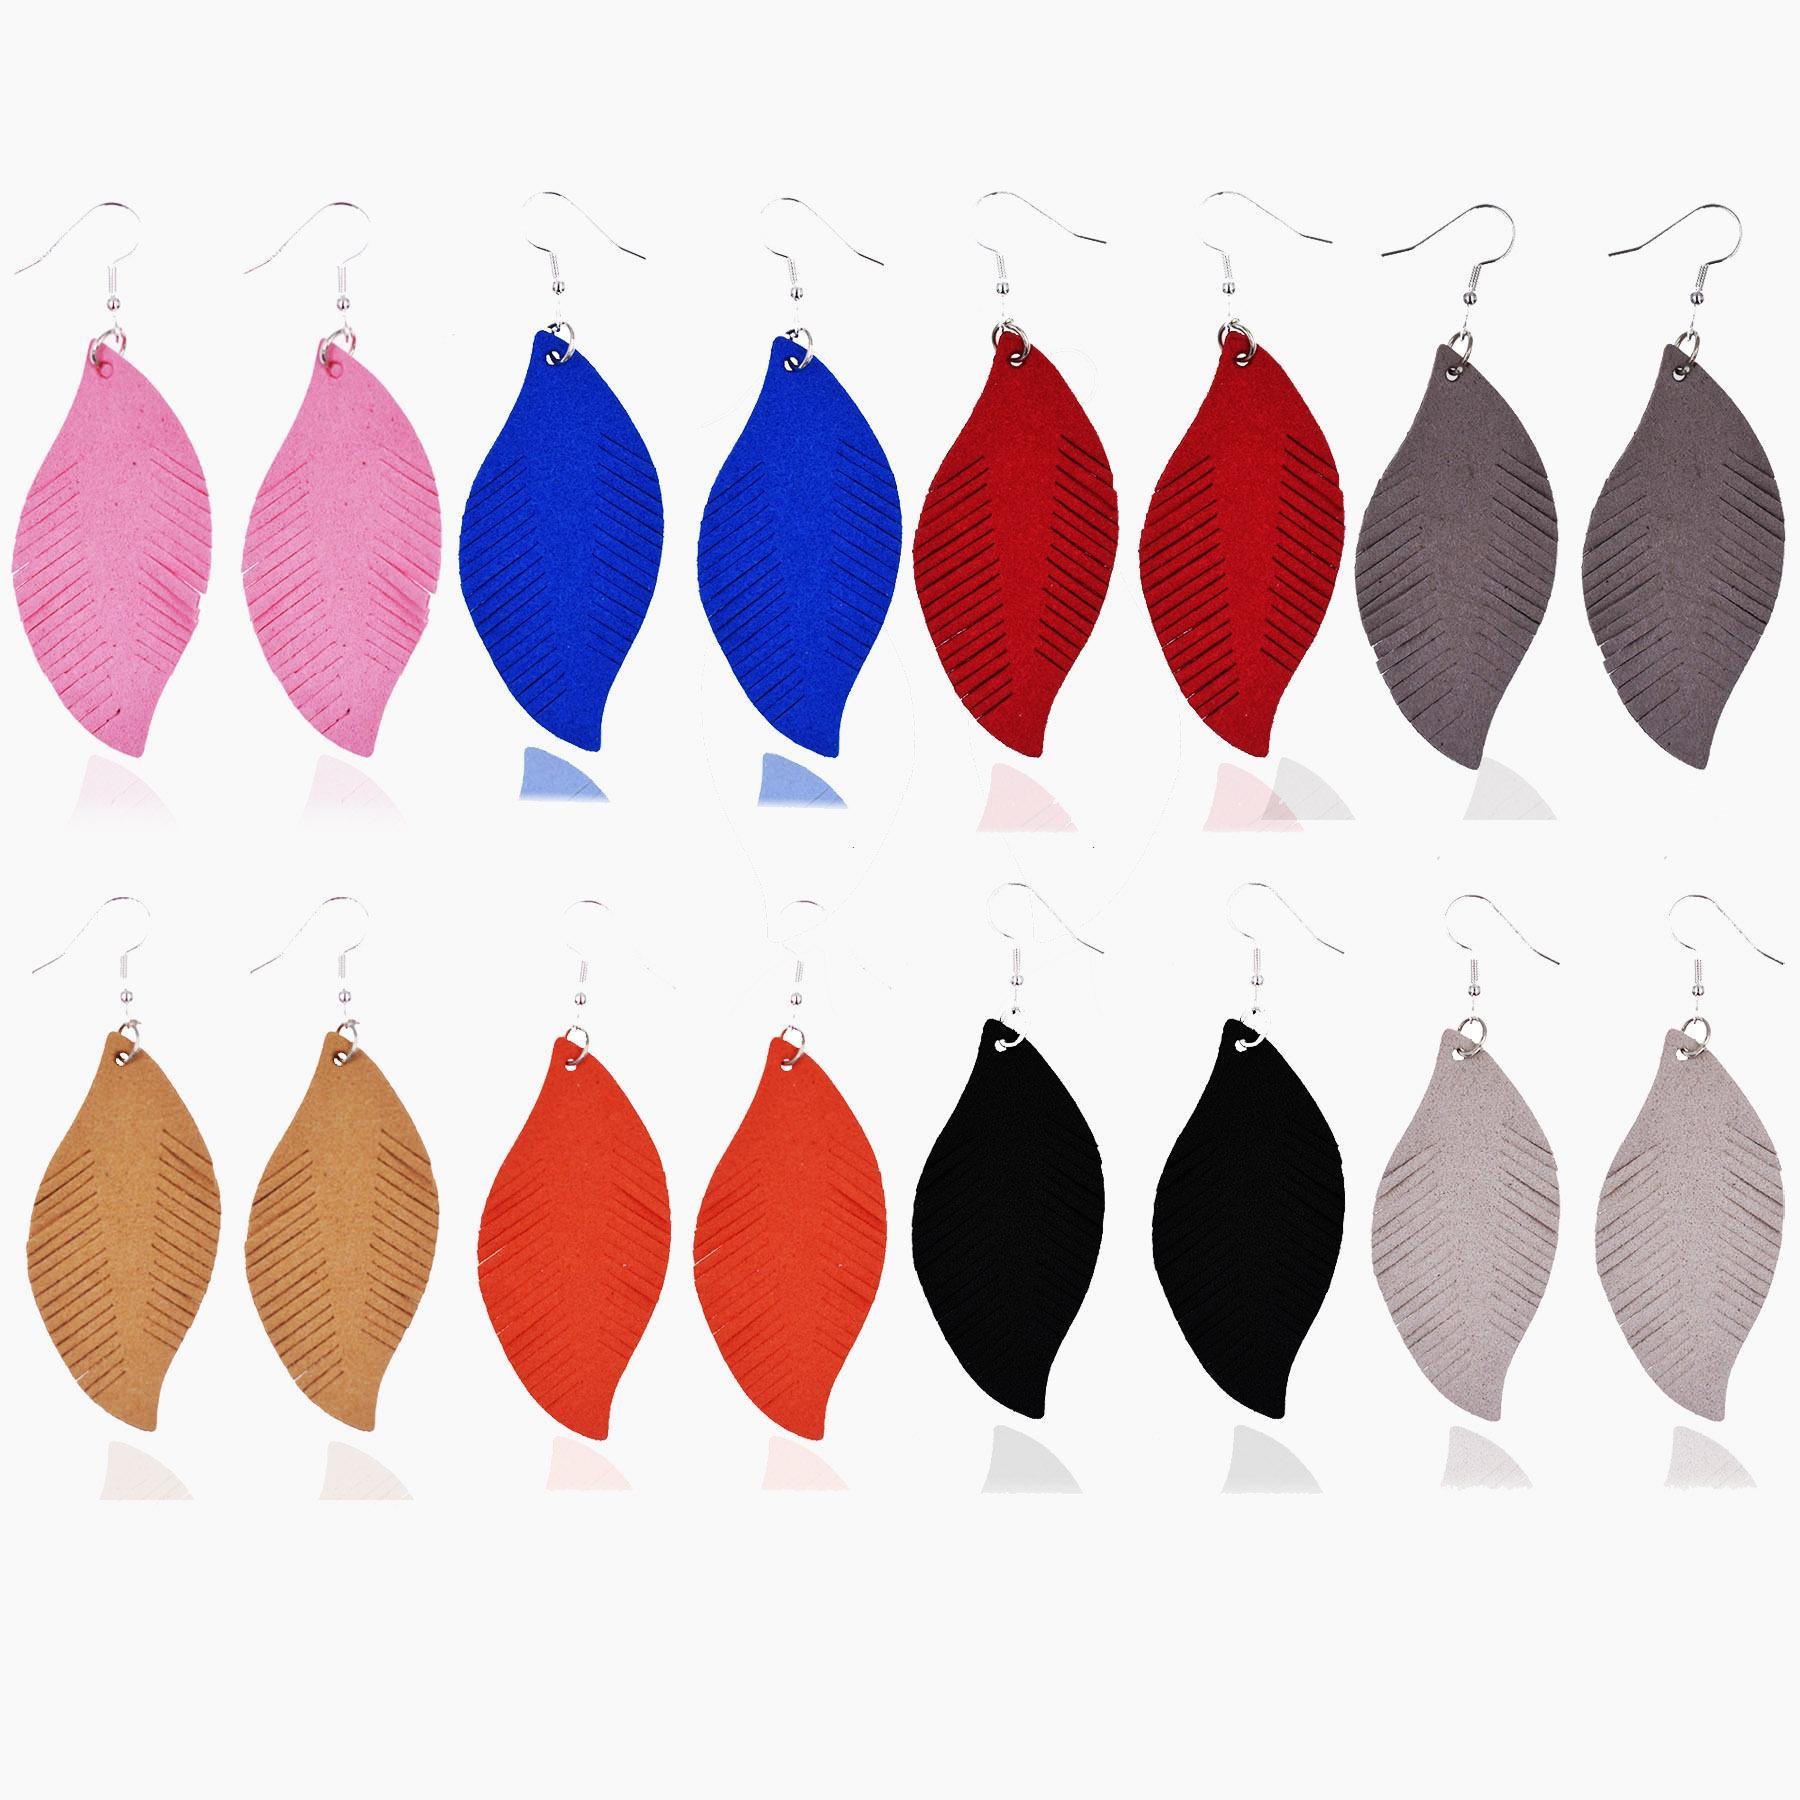 Neue Ankunfts-Leder-Blatt Ohrringe Modische Leichtgewicht-Feder-Blatt baumeln Ohrringe für Frauen-Mädchen-Böhmen Statement Ohrring